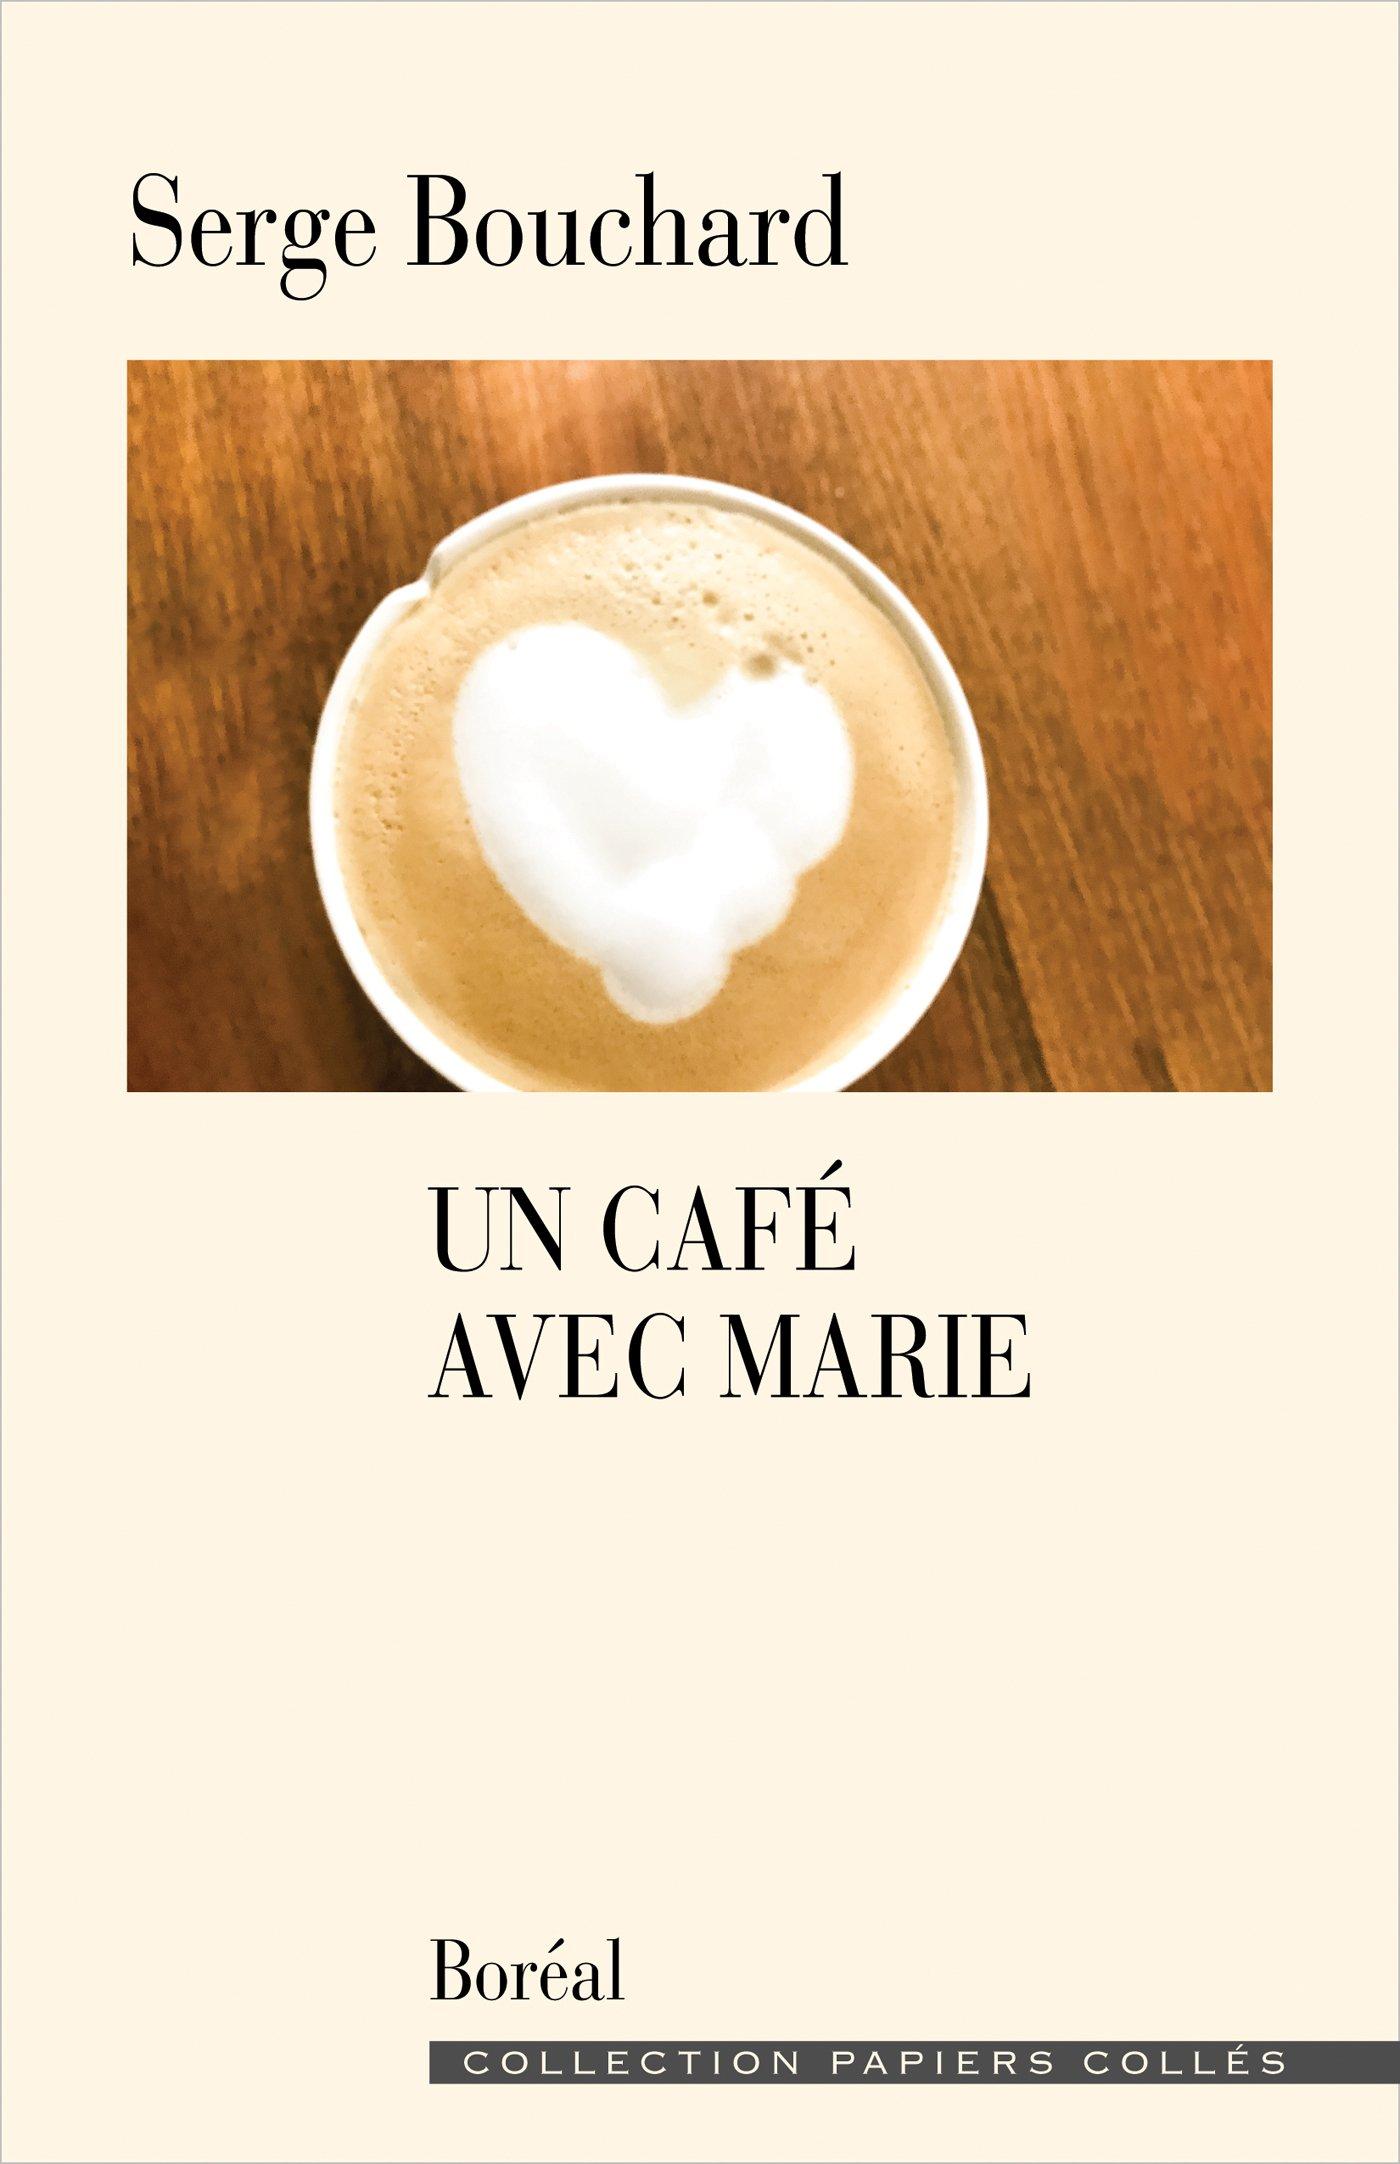 Un café avec Marie - Serge Bouchard